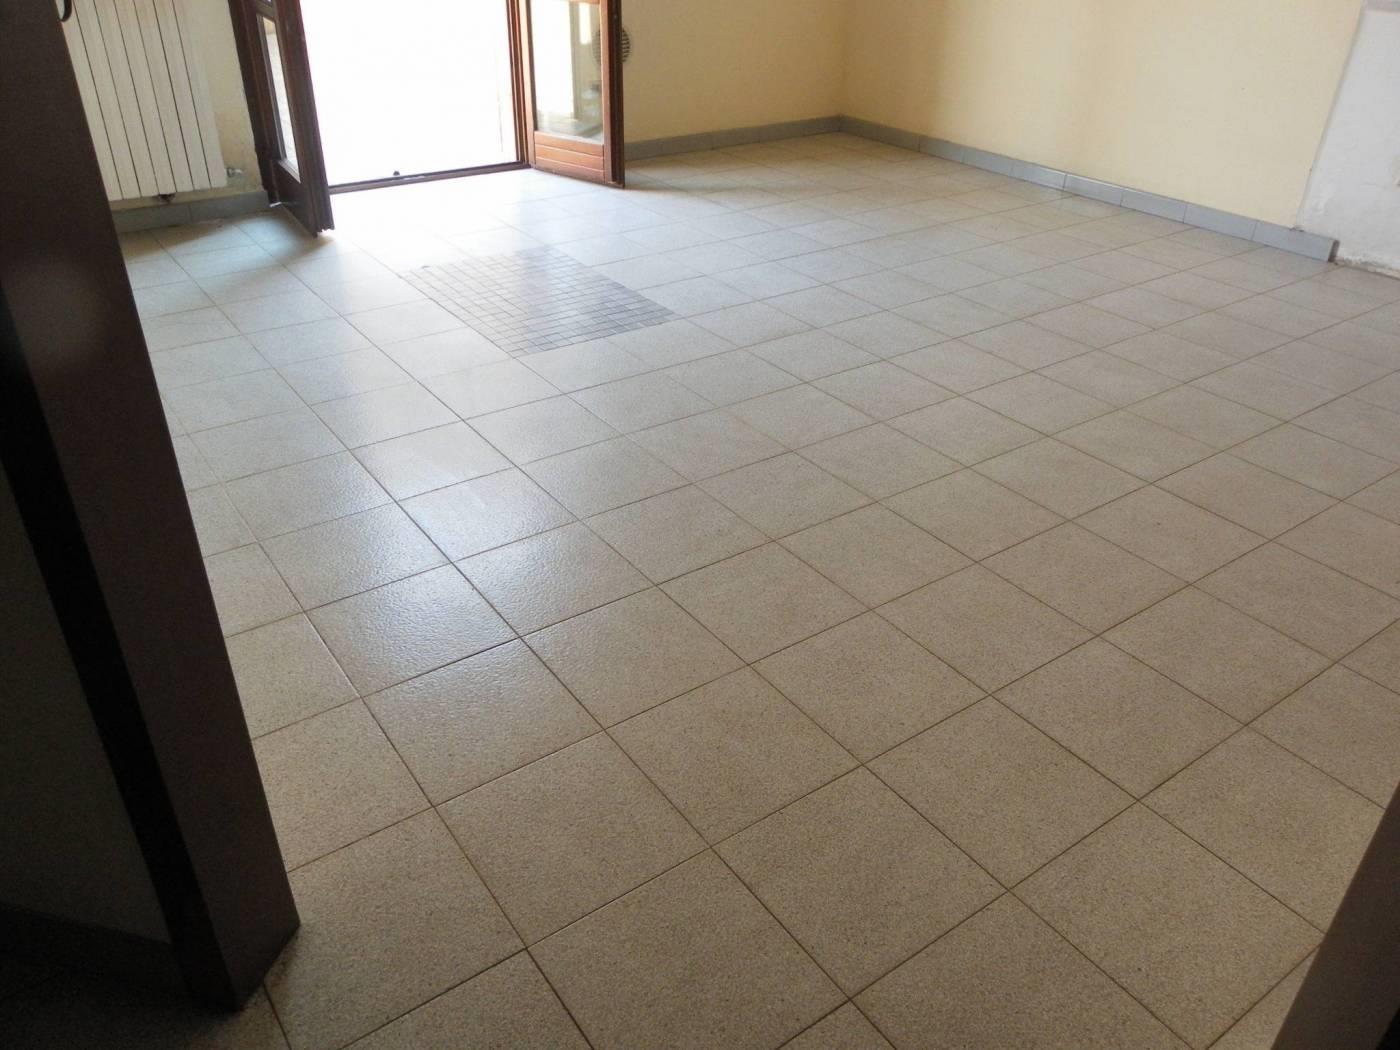 Foto 11 - Appartamento in Vendita - Mezzago (Monza e Brianza)